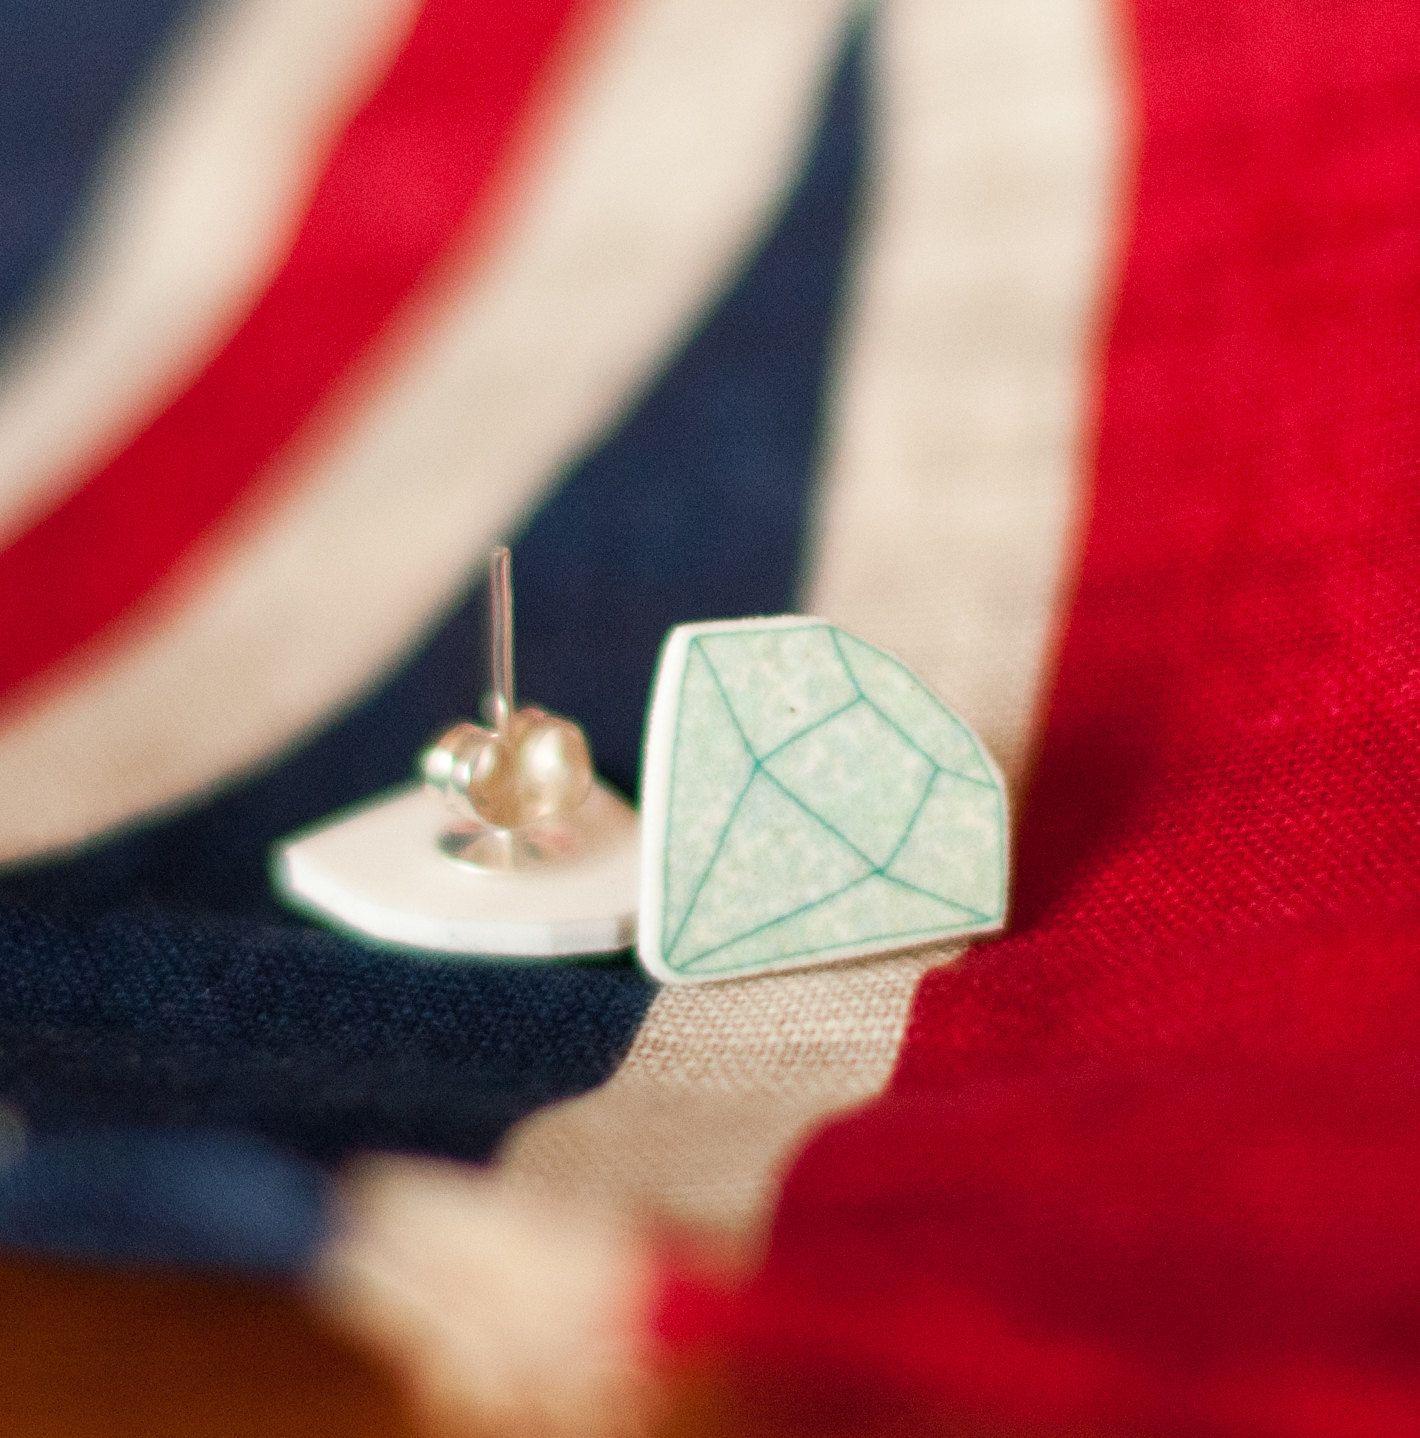 Diamond earrings by JodieAnna on etsy | Crafty Shrink ...